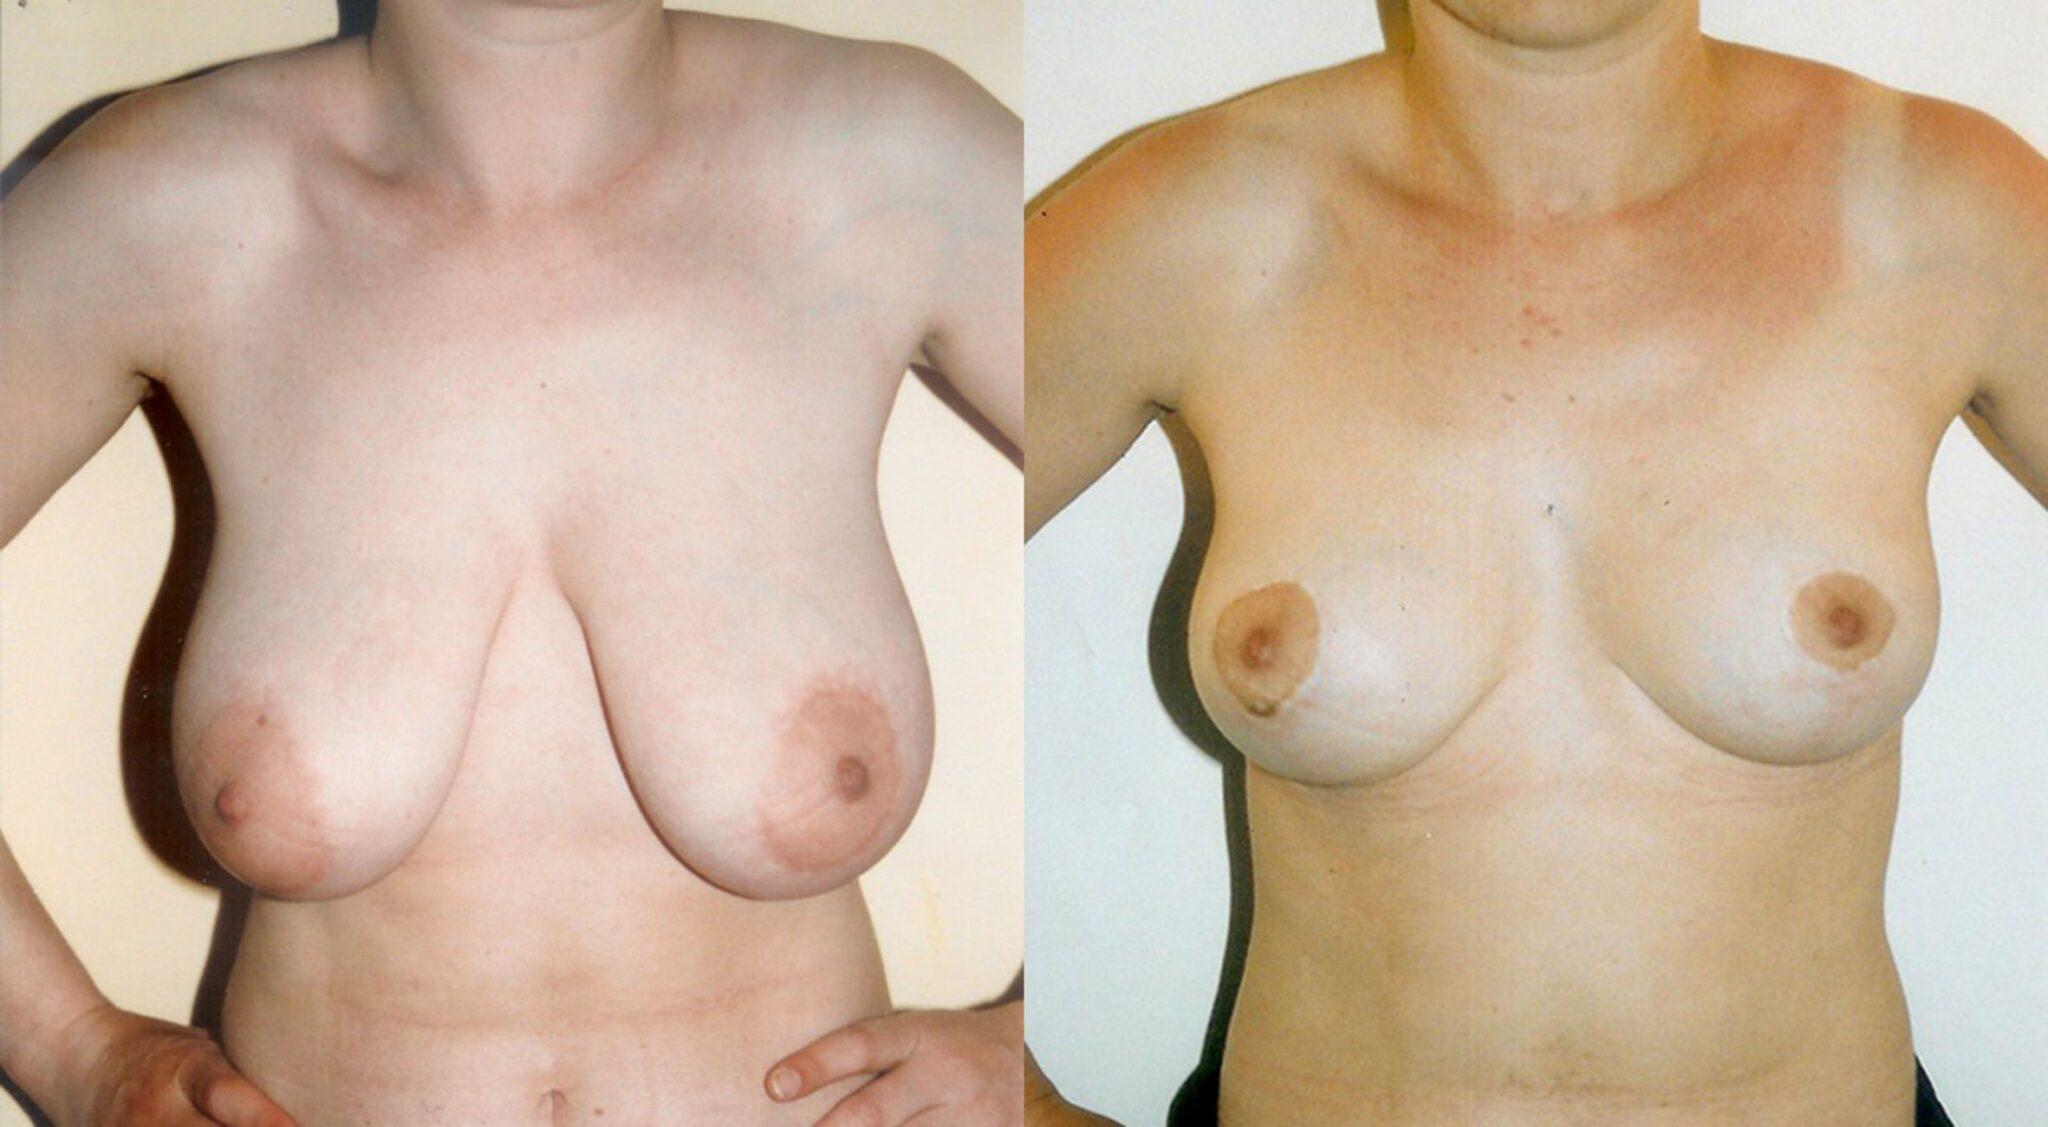 Reducció de mames - Foto 1